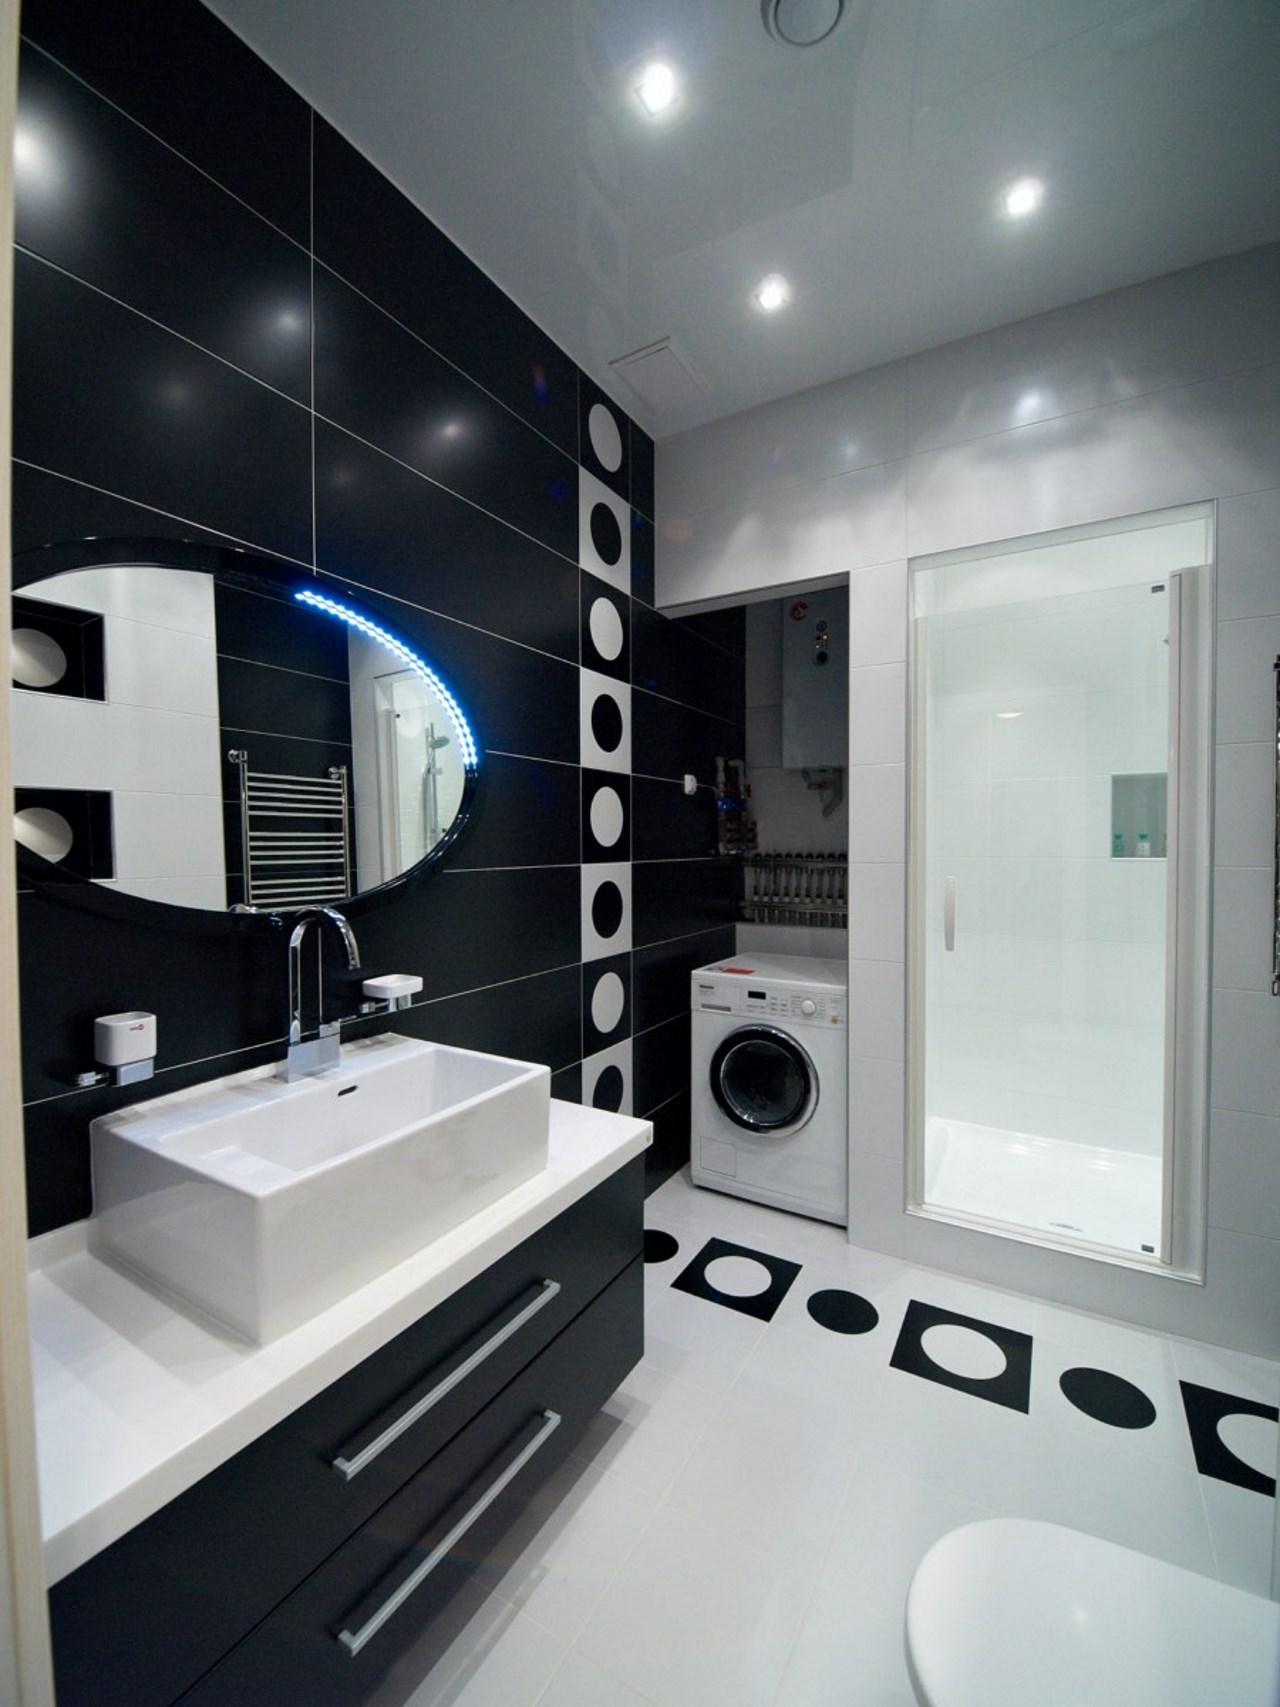 Прачечная комната совмещенная с ванной